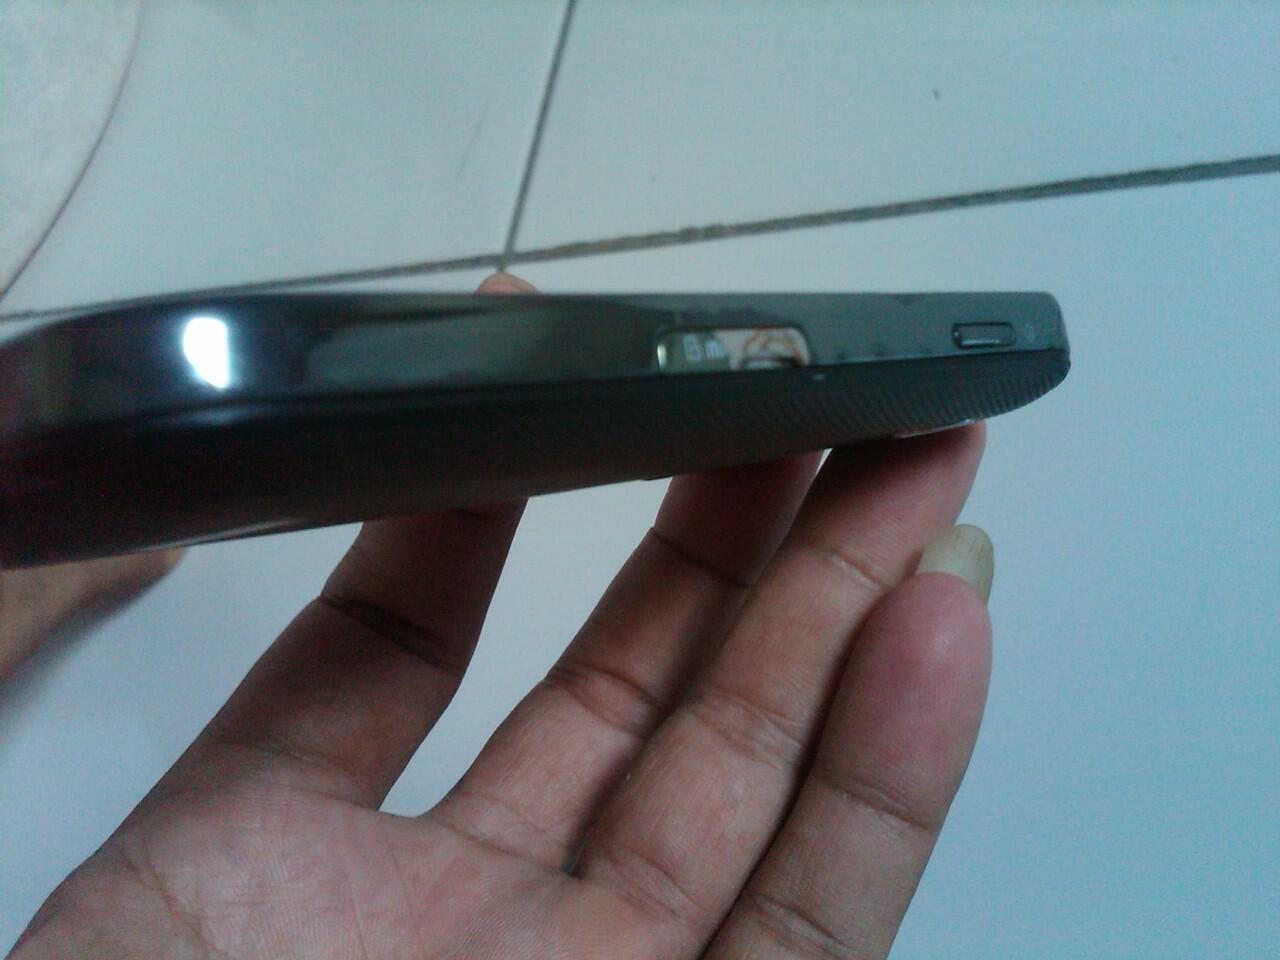 Samsung Galaxy ace batangan murmer semarang